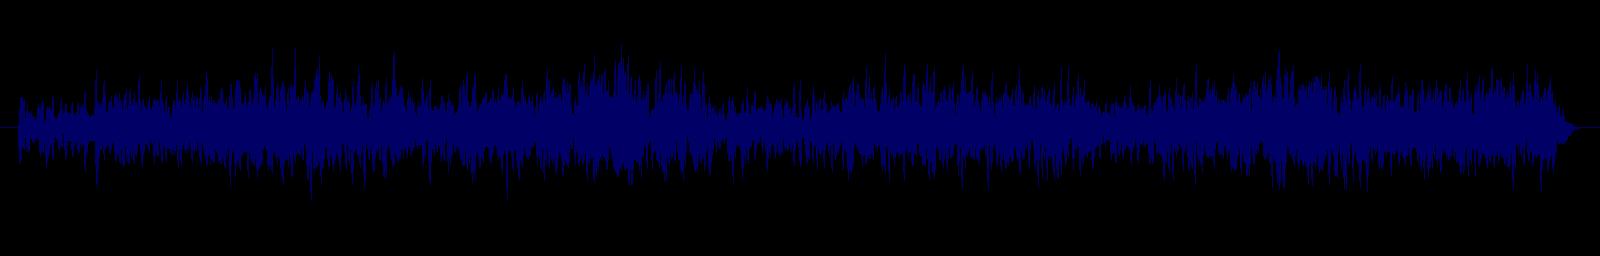 waveform of track #93285